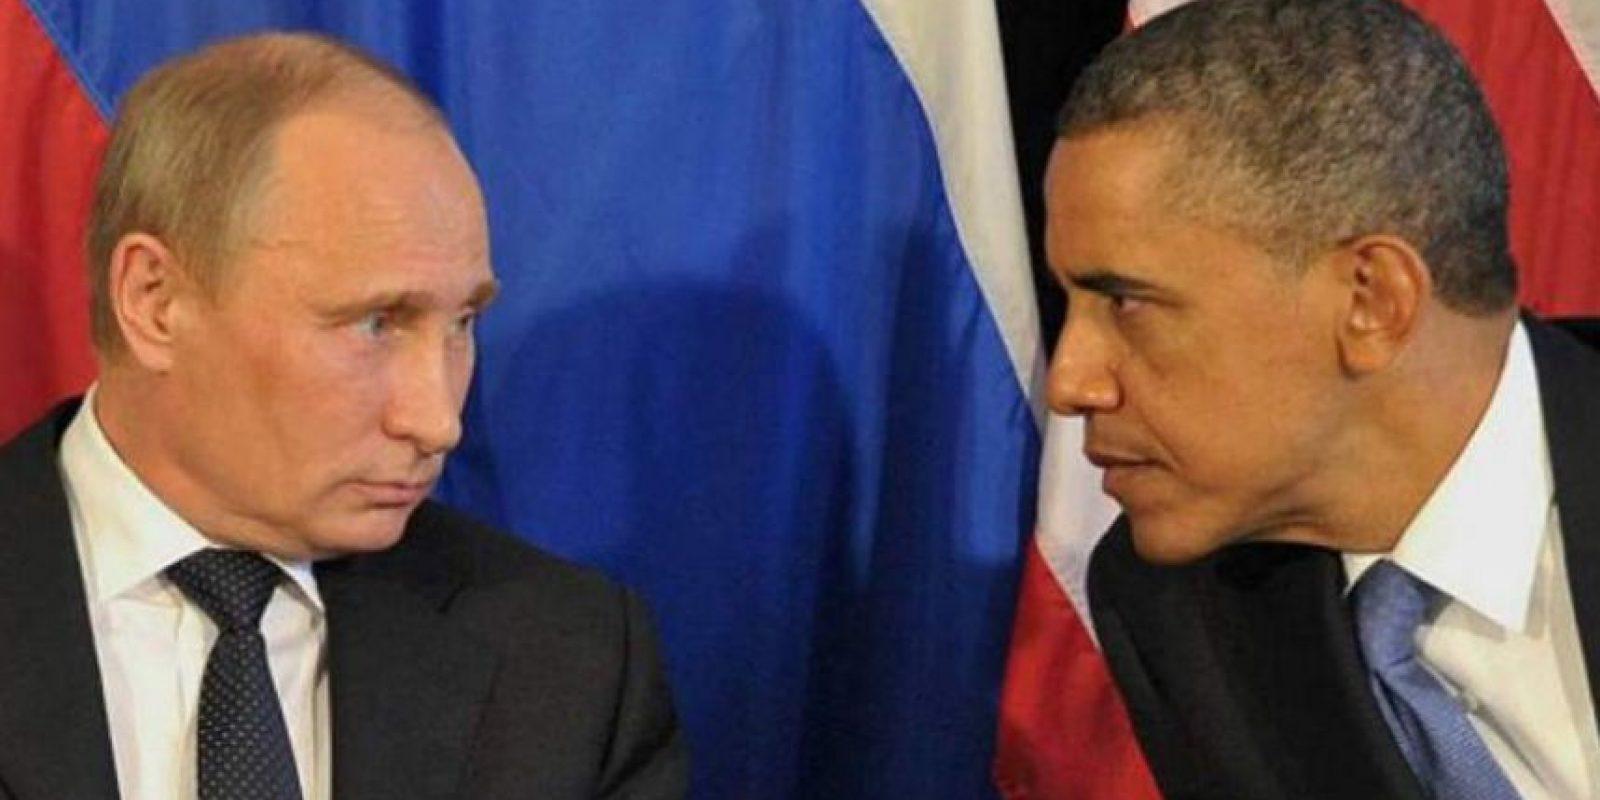 """El portavoz del Kremlin, Dimitri Peskov, dijo """"o bien hay que dejar de hablar o bien hay que aportar pruebas. Sino, todo esto es más que indecente"""". Foto:Afp. Imagen Por:"""